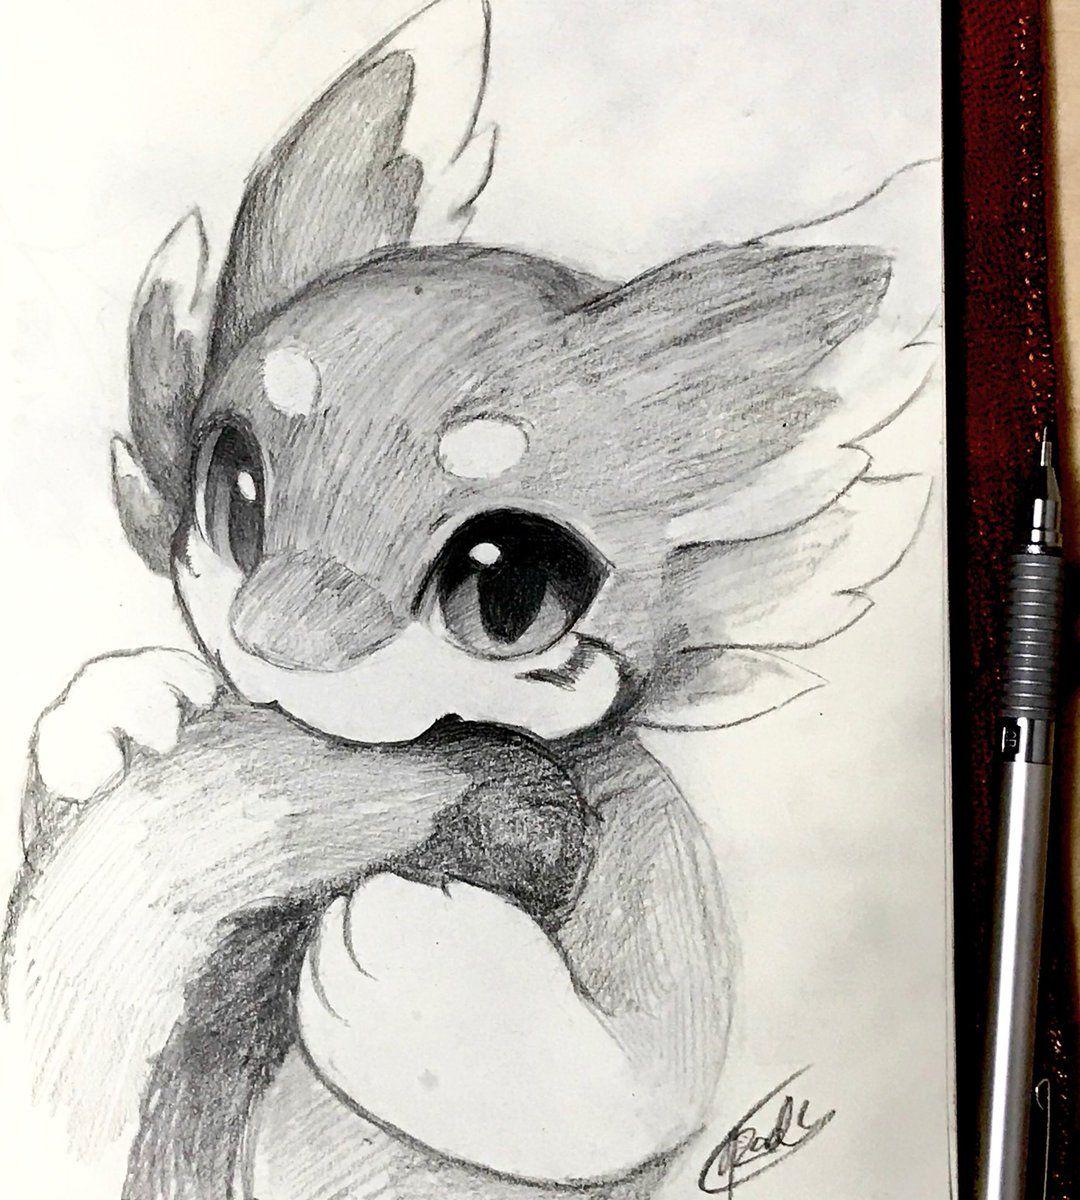 милые картинки рисовать простым карандашом помощью небольшого переходника